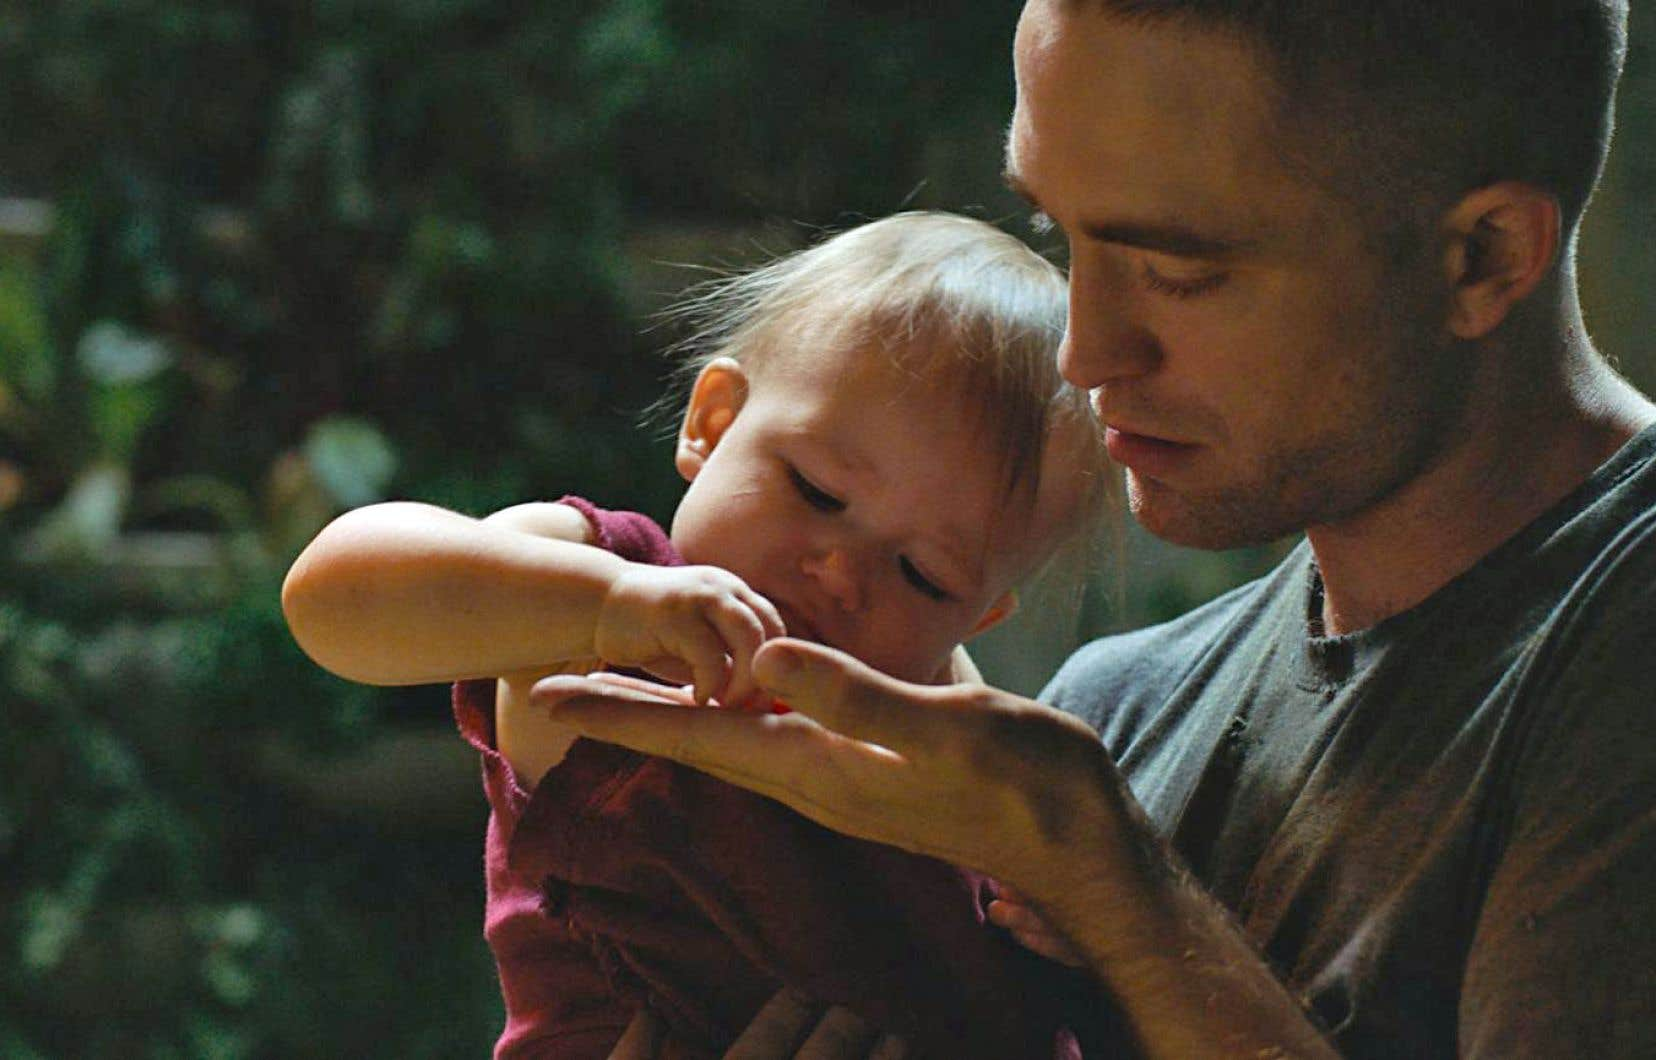 Monte (Robert Pattinson, surprenant) prend soin d'une fillette dont les pleurs réclament une mère que l'on sait déjà avalée par le cosmos.